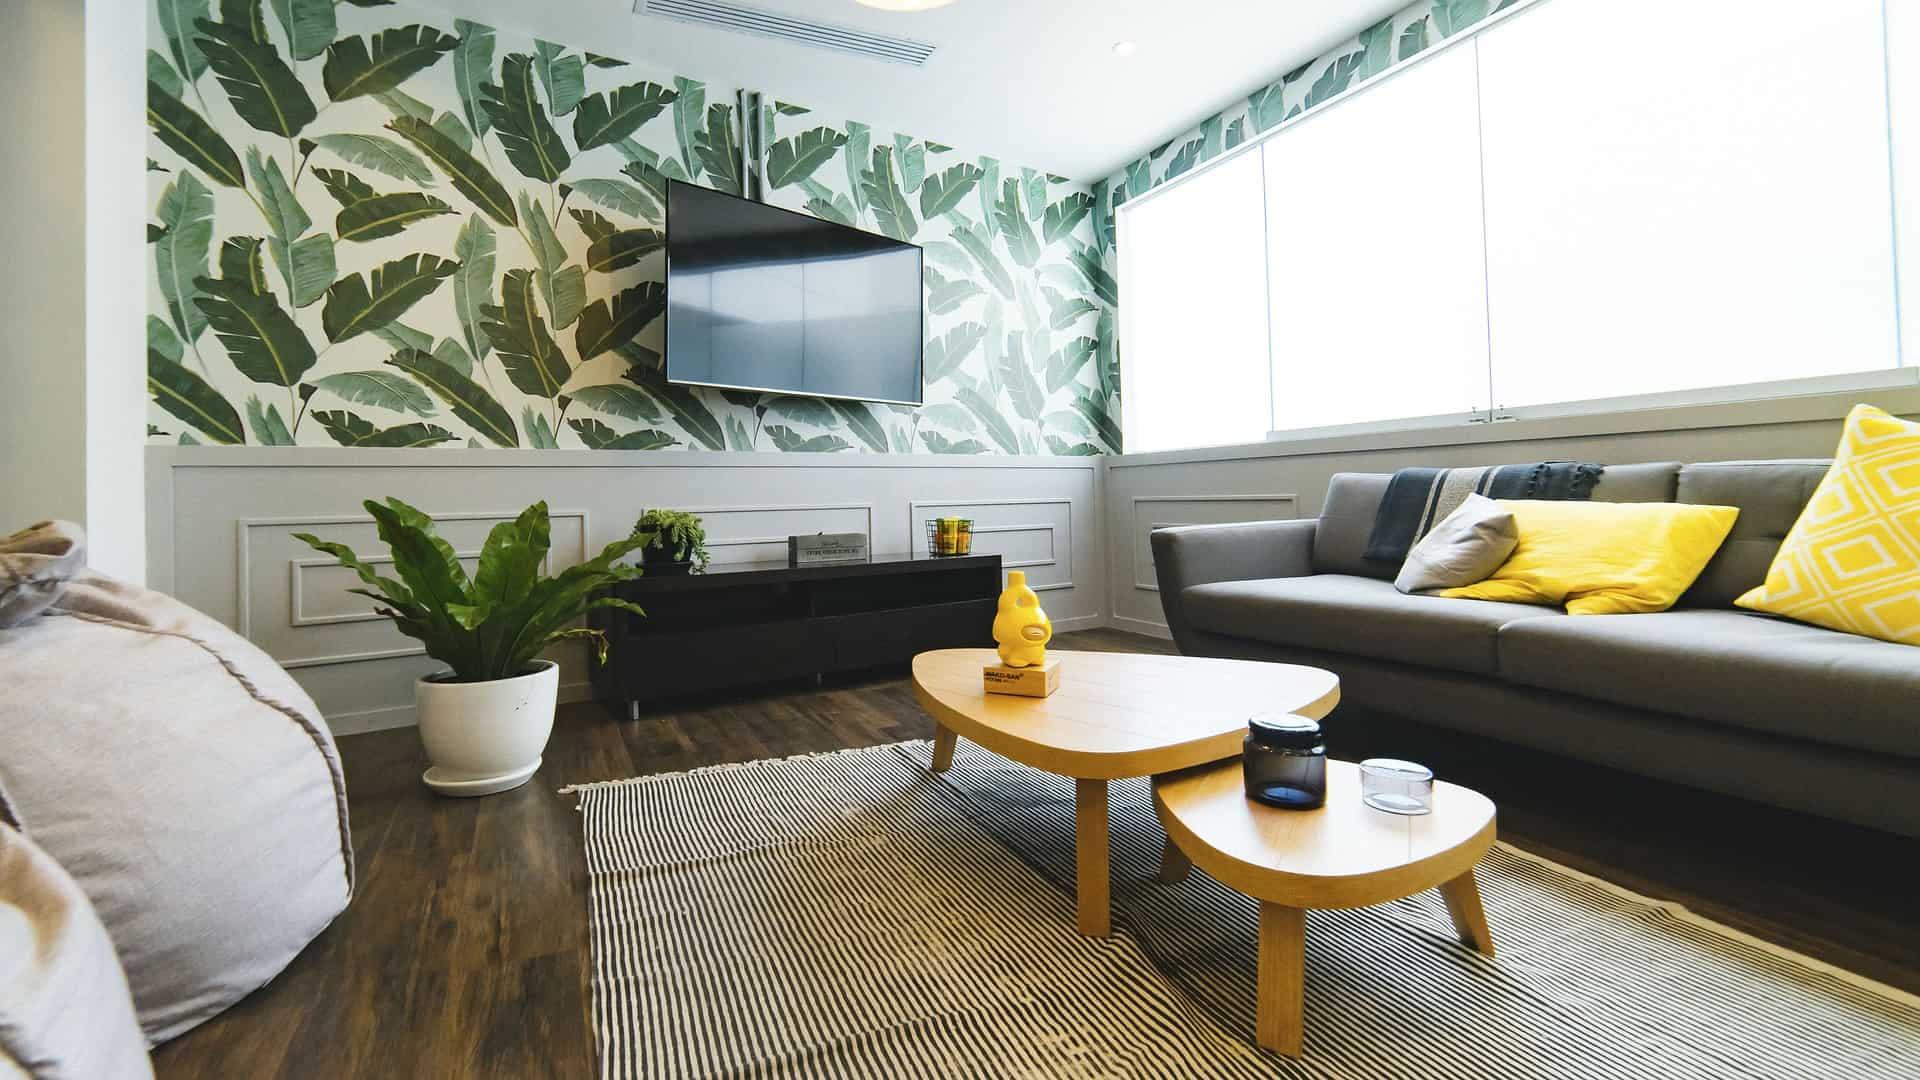 Imagem mostra sala de estar com televisão na parede.